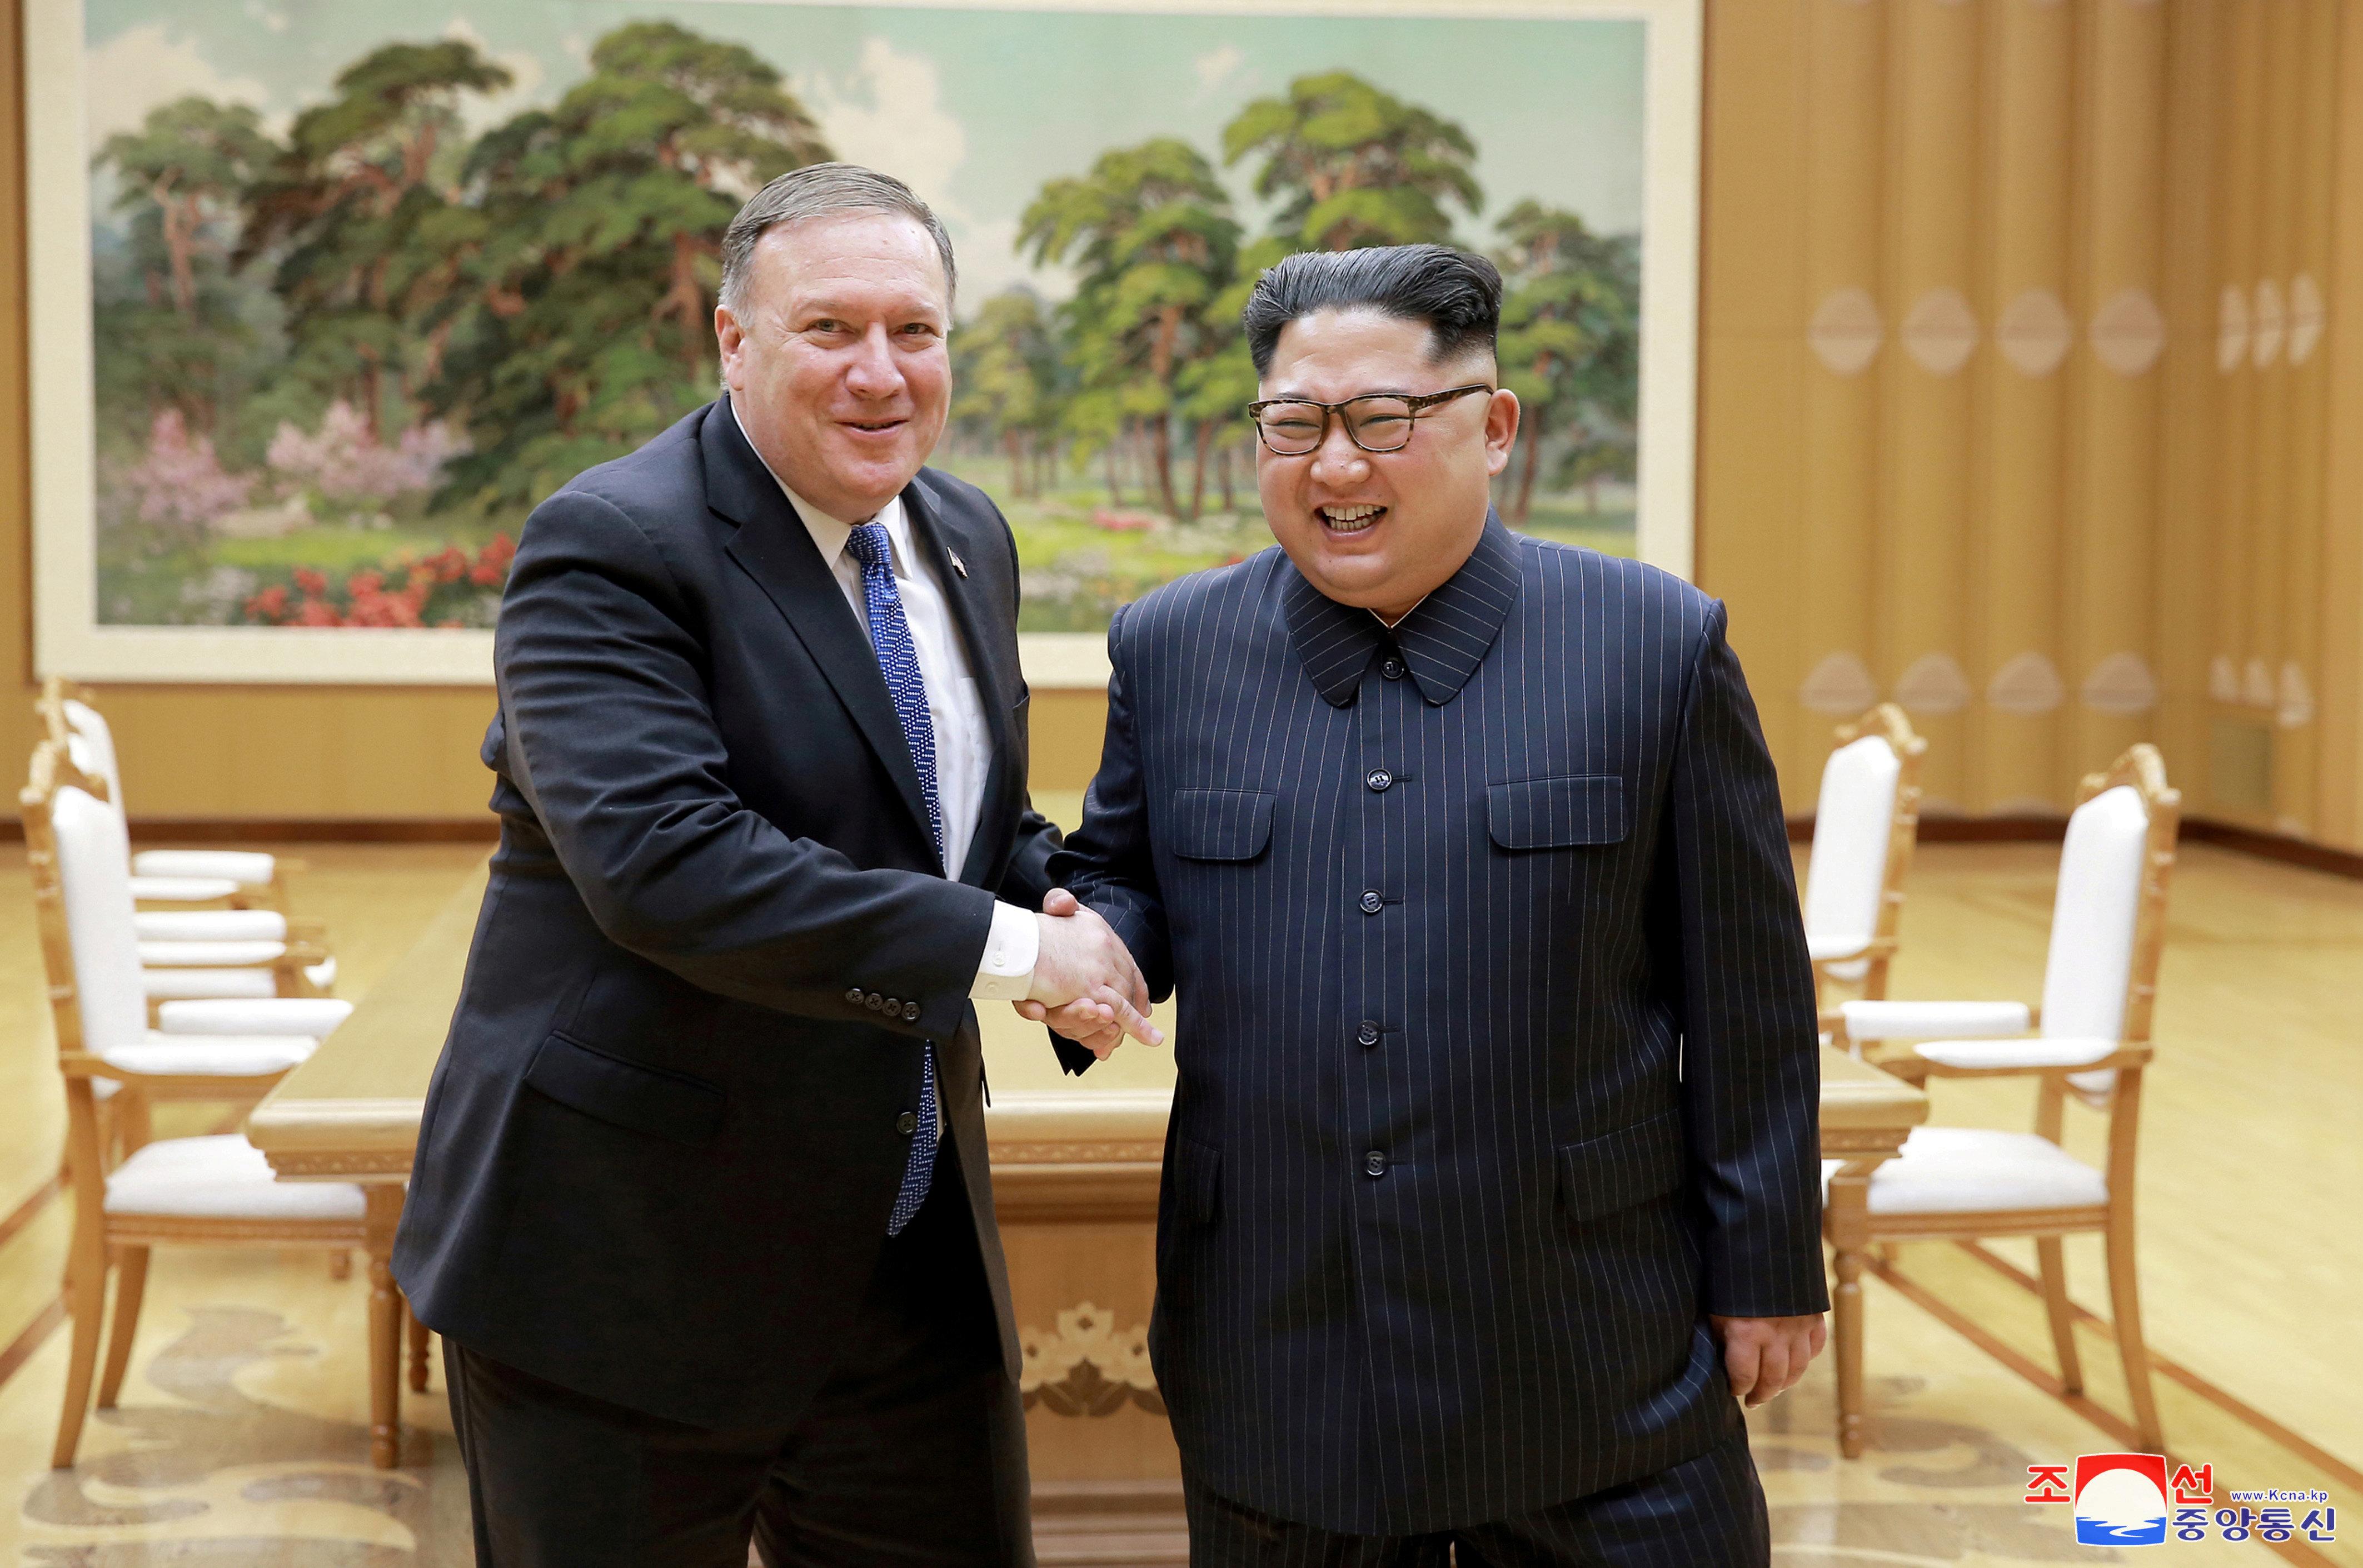 미국이 북한에 응답했다. '완전한' 북한 체제보장 방안이 나왔다.